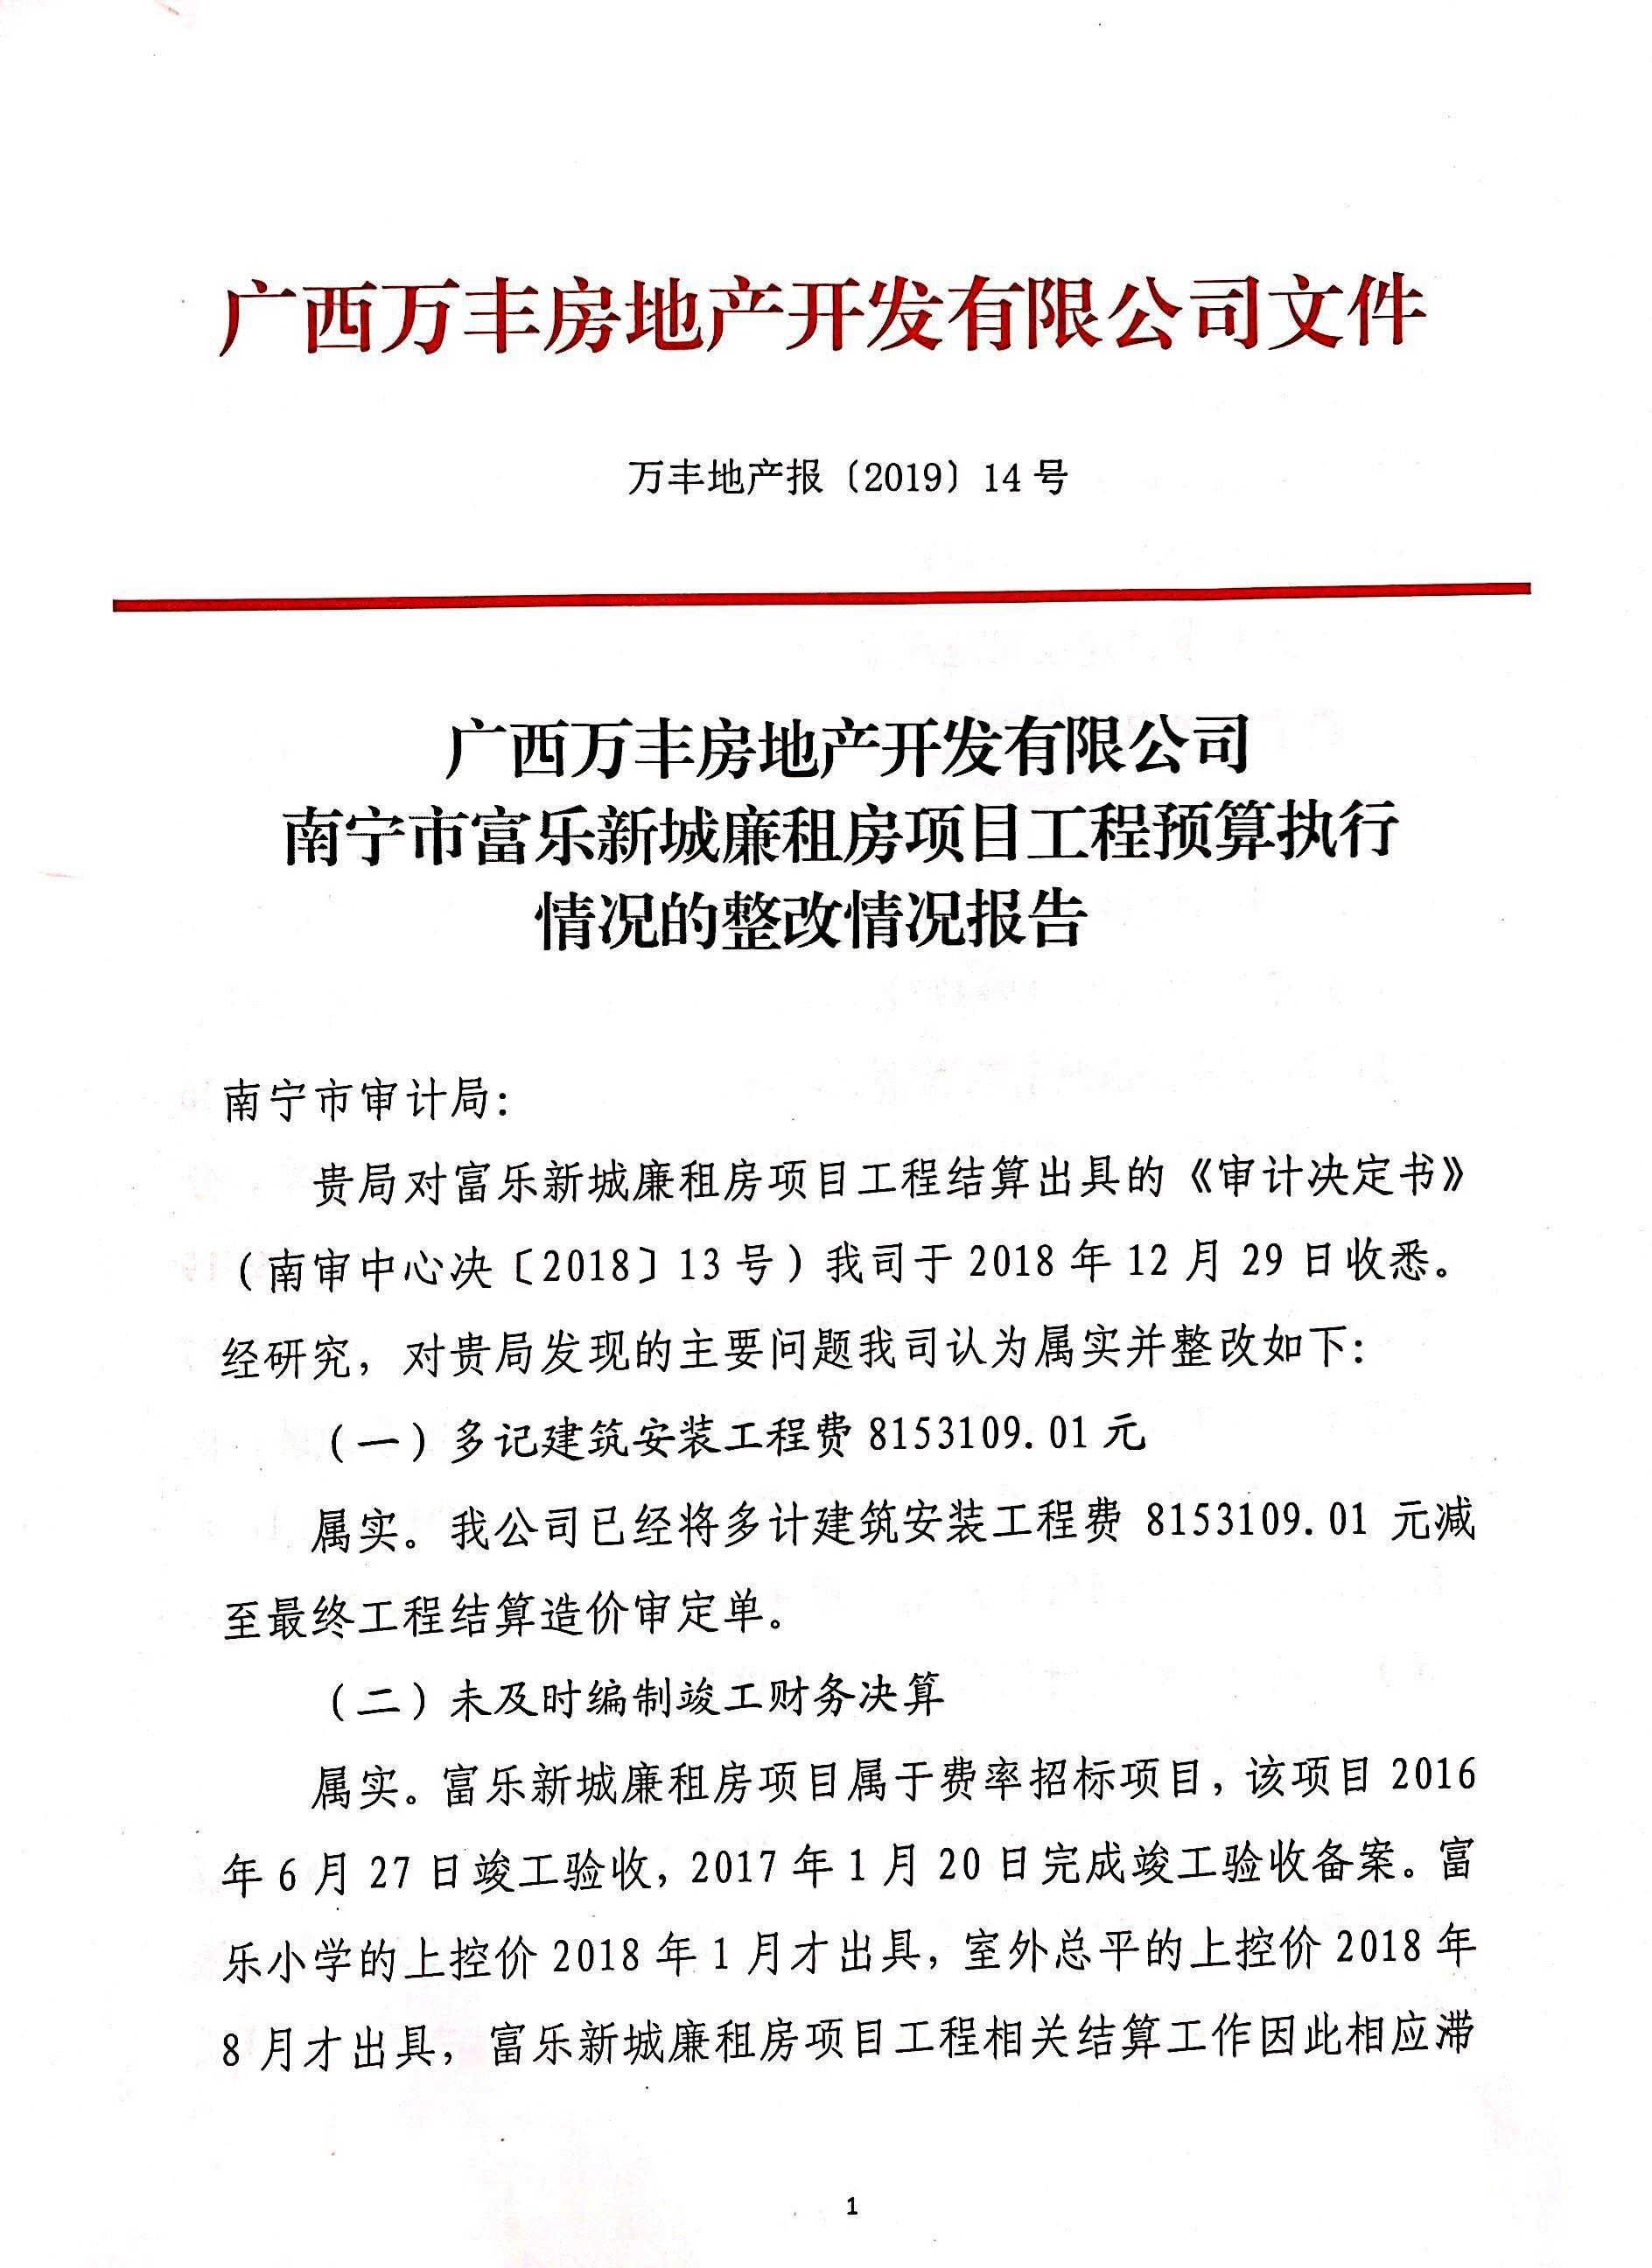 南宁市富乐新城廉租房项目工程预算执行情况的整改情况报告